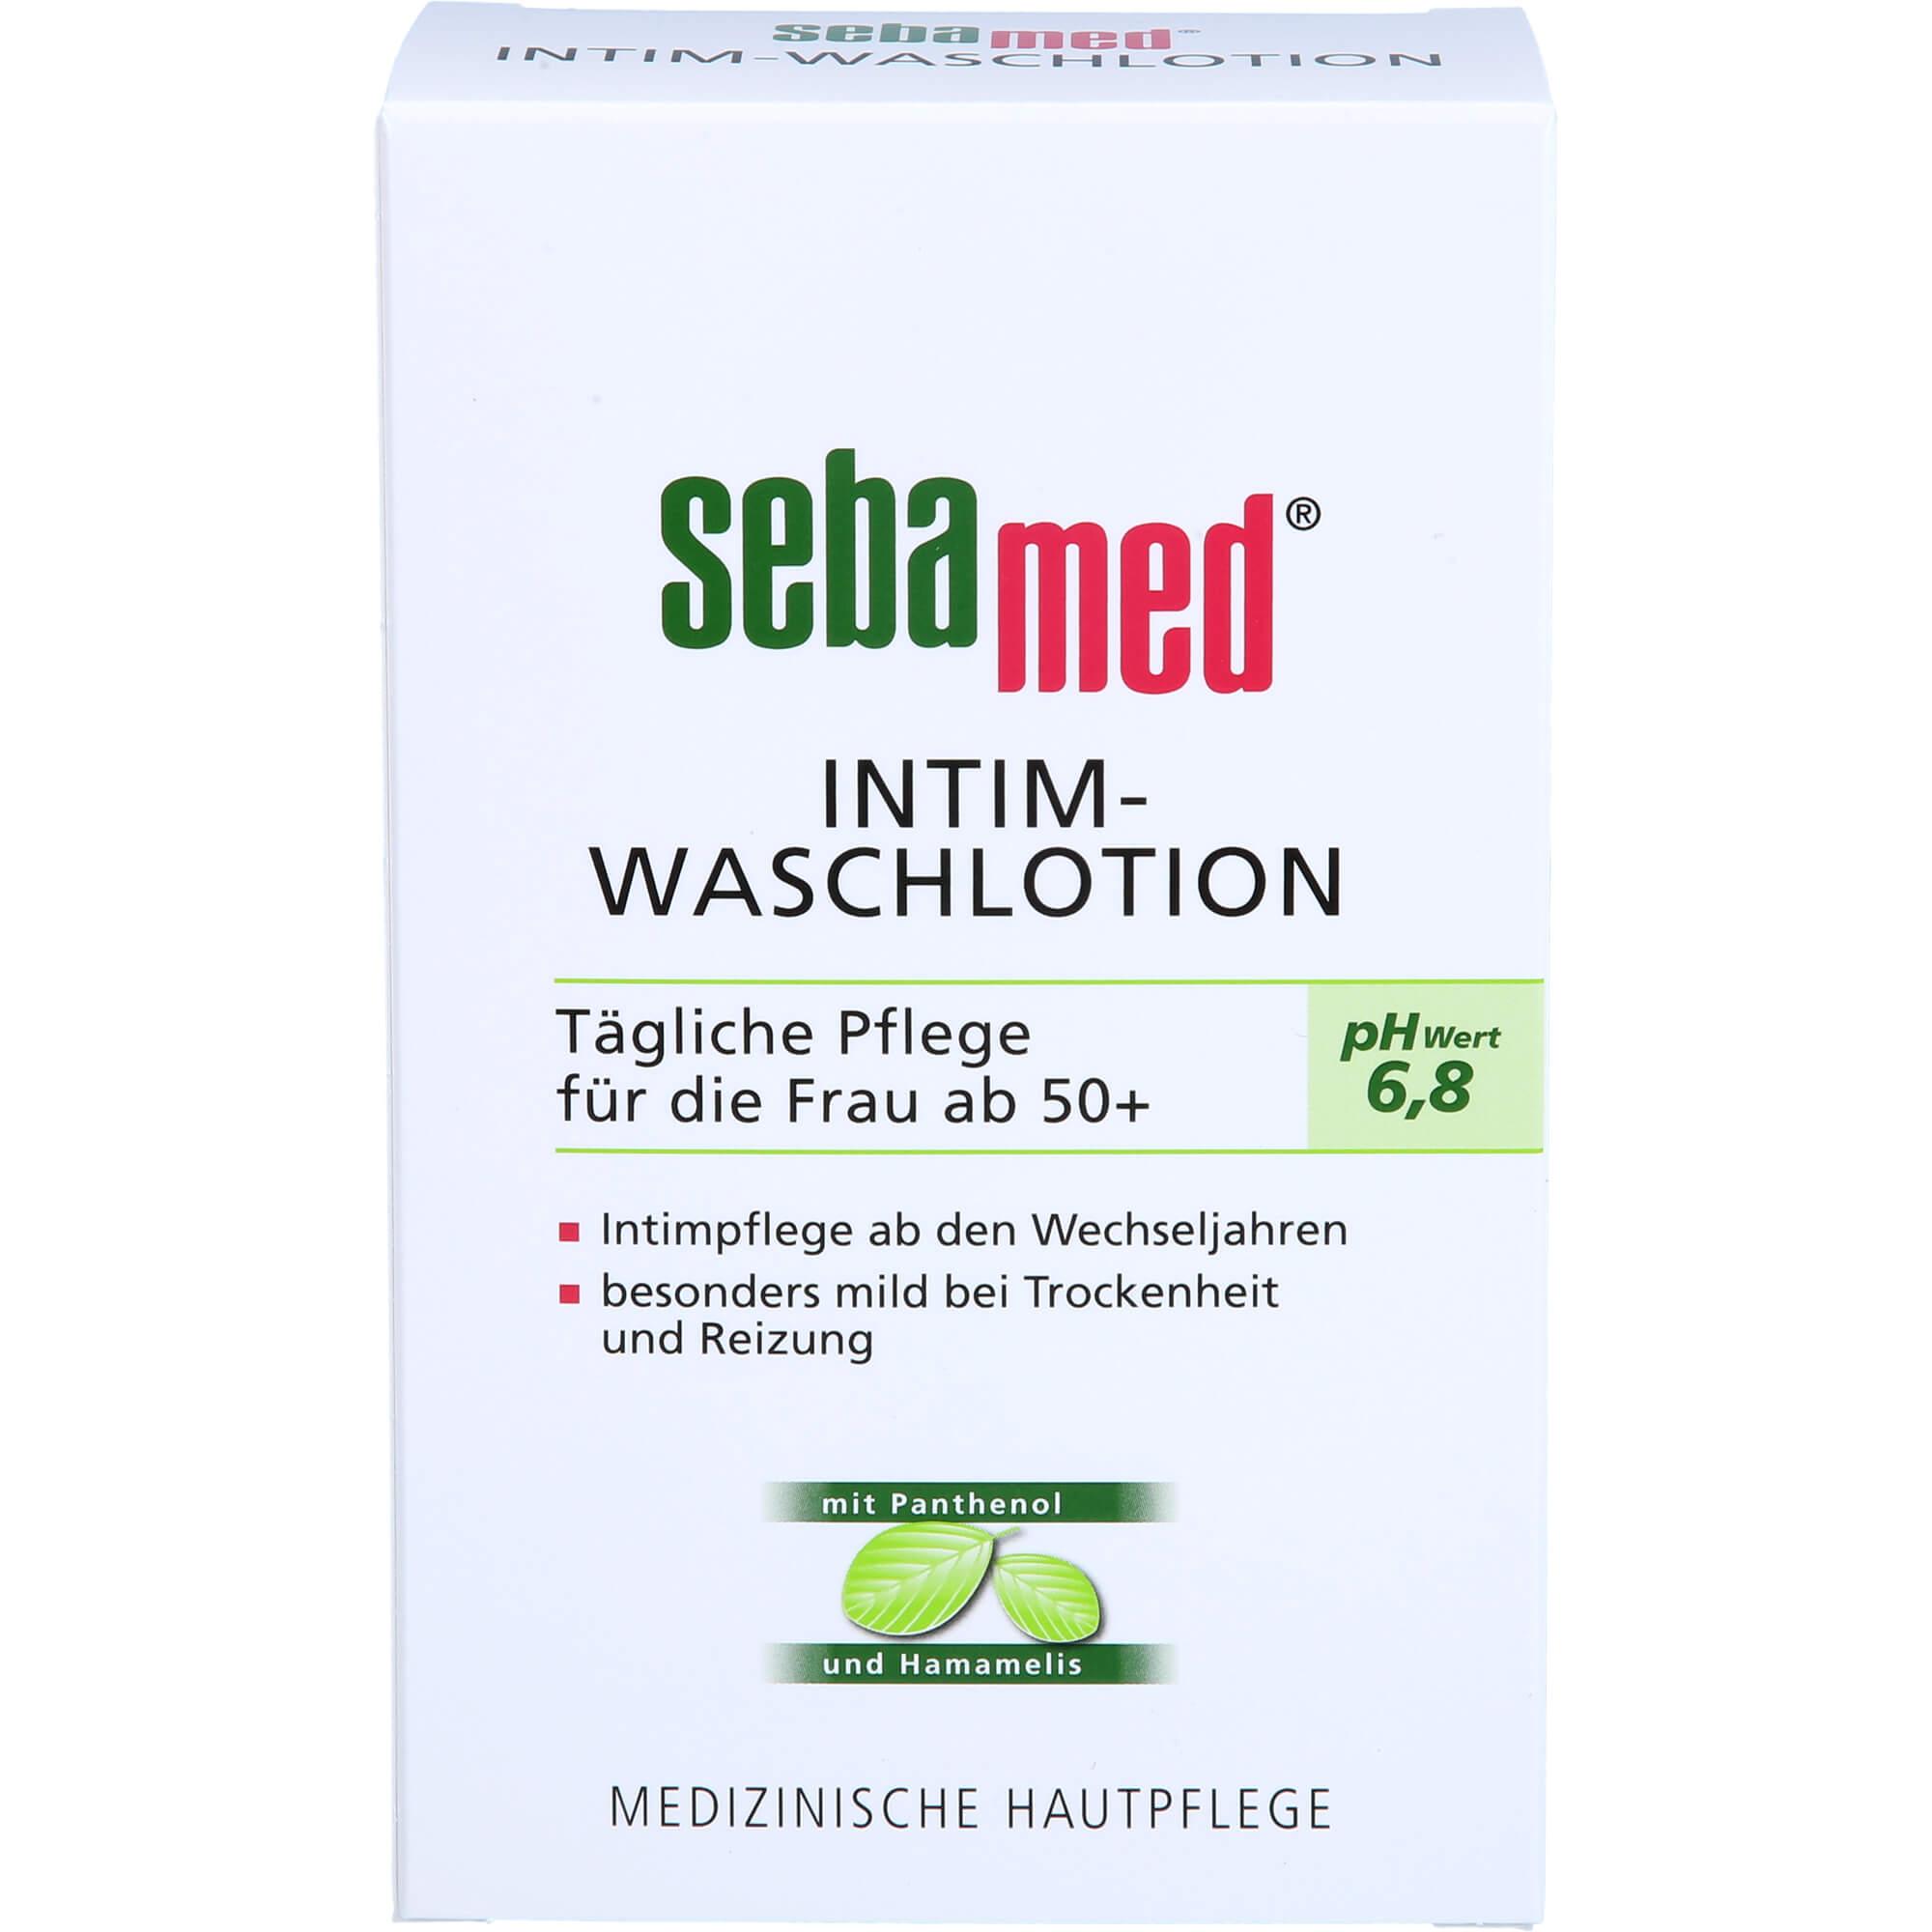 SEBAMED Intim Waschlotion pH 6,8 für d.Frau ab 50